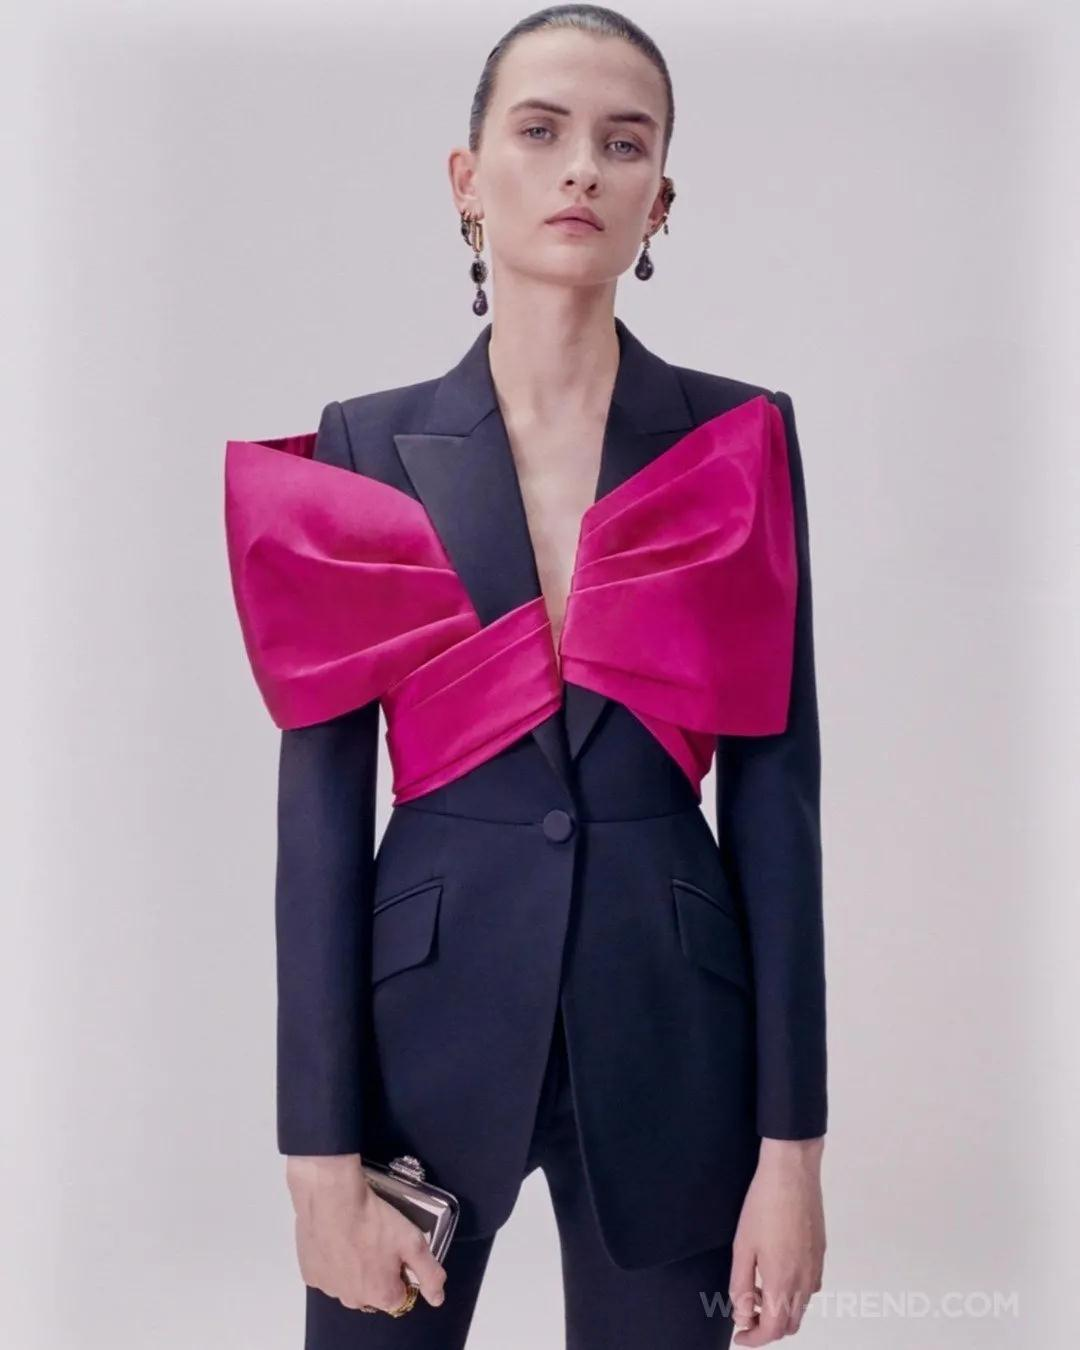 女装流行元素分析 蝴蝶结元素在服装设计中的运用(图25)